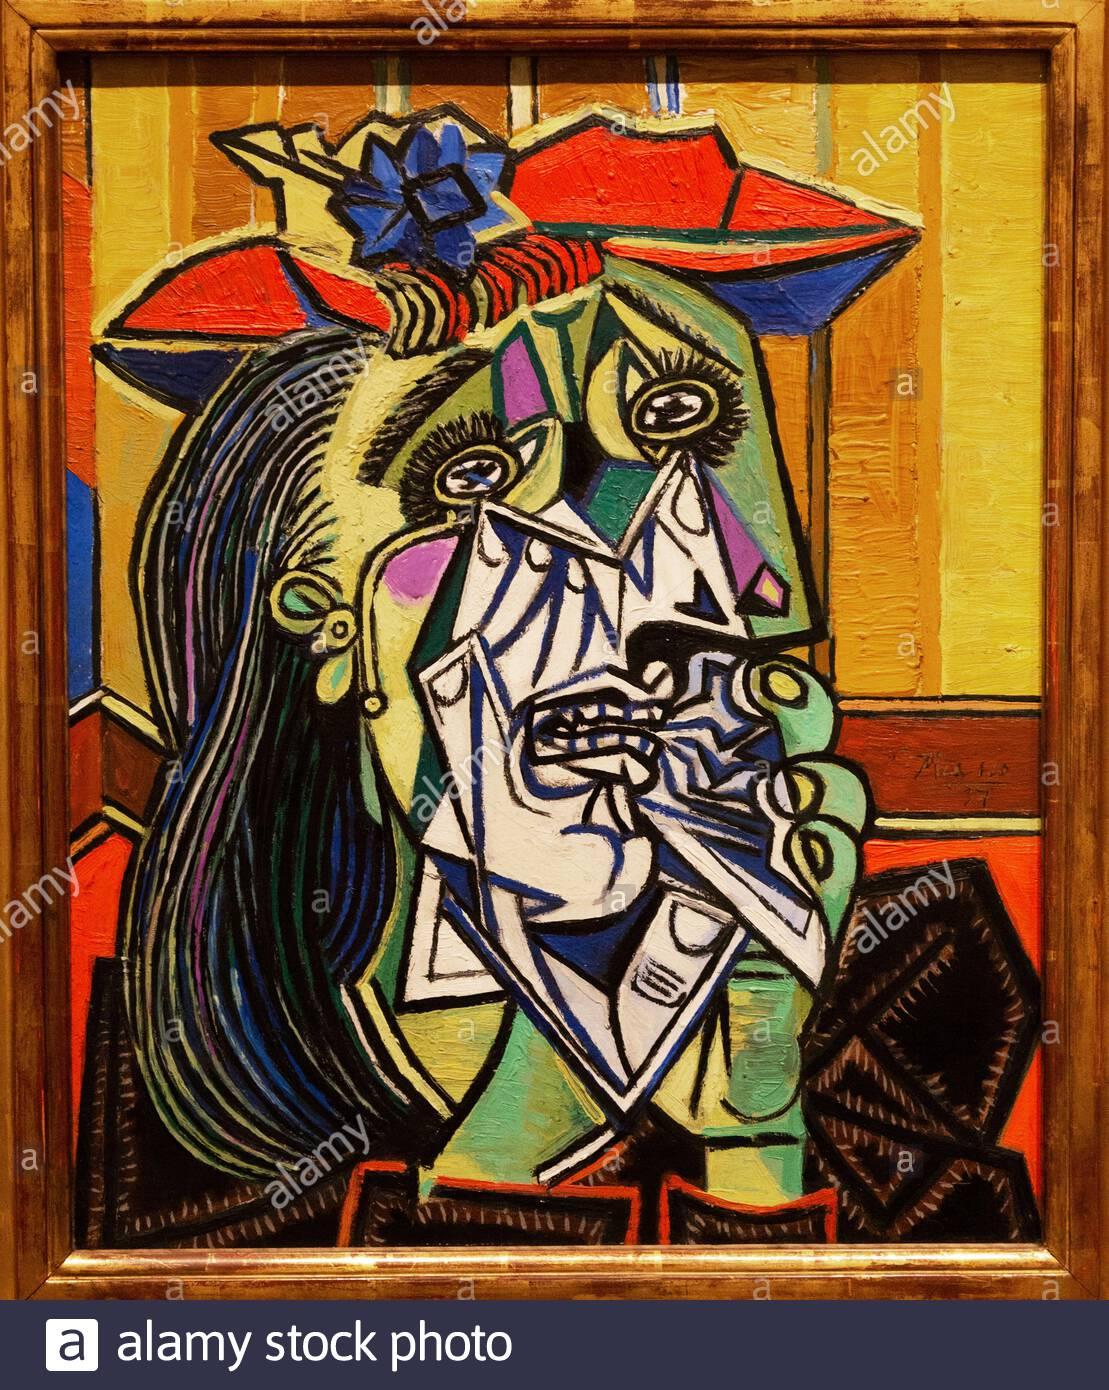 Picasso Painting Banque D Image Et Photos Alamy